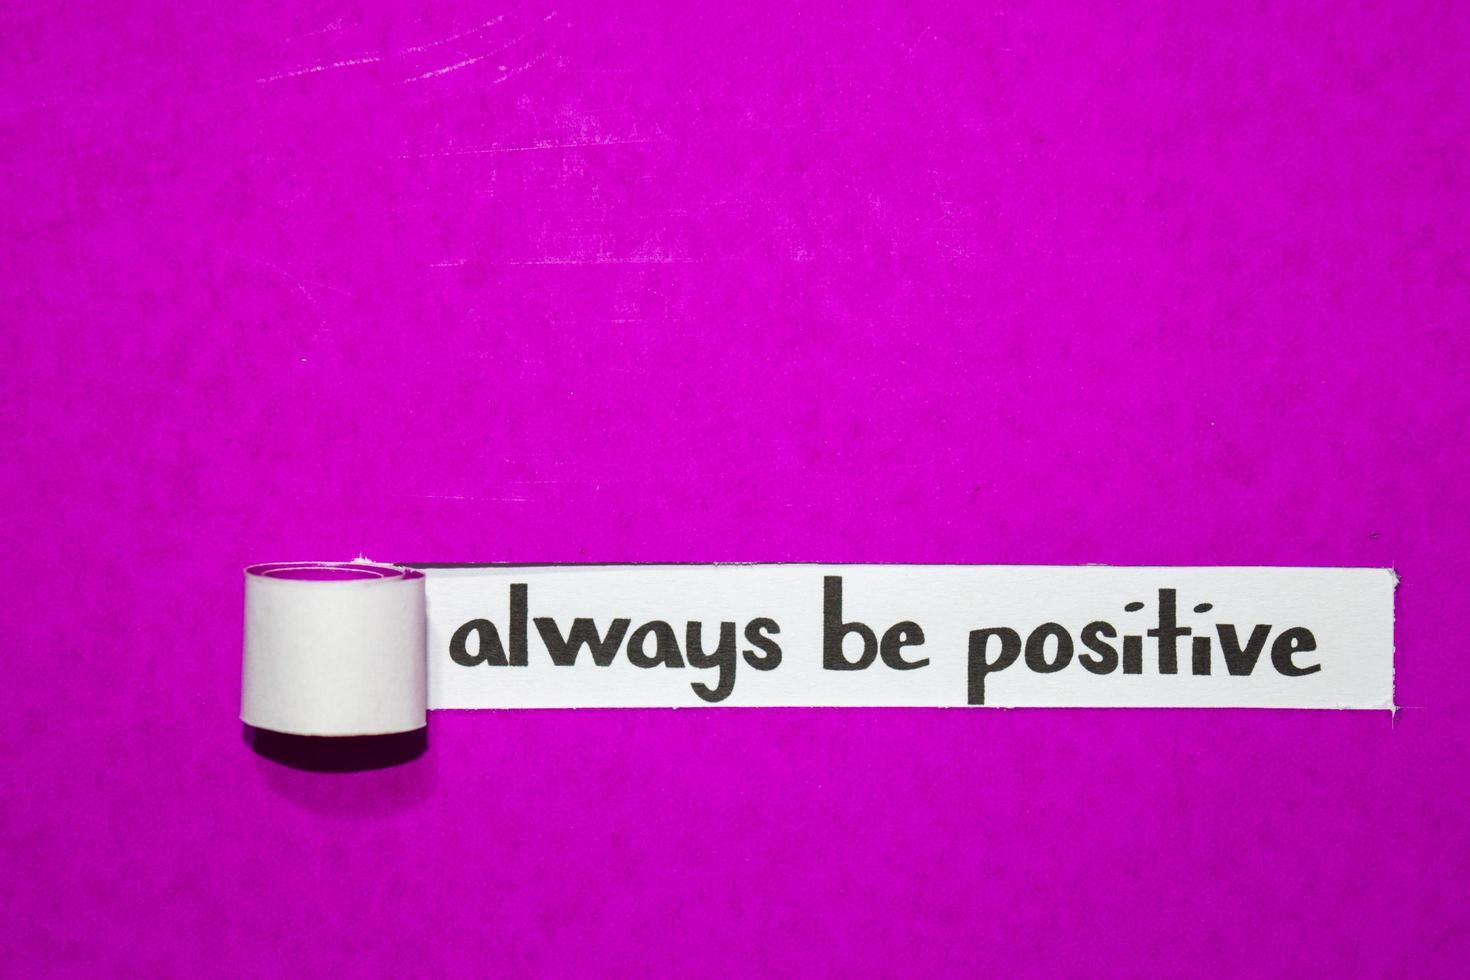 alltid vara positiv text, inspiration, motivation och affärsidé på lila sönderrivet papper foto